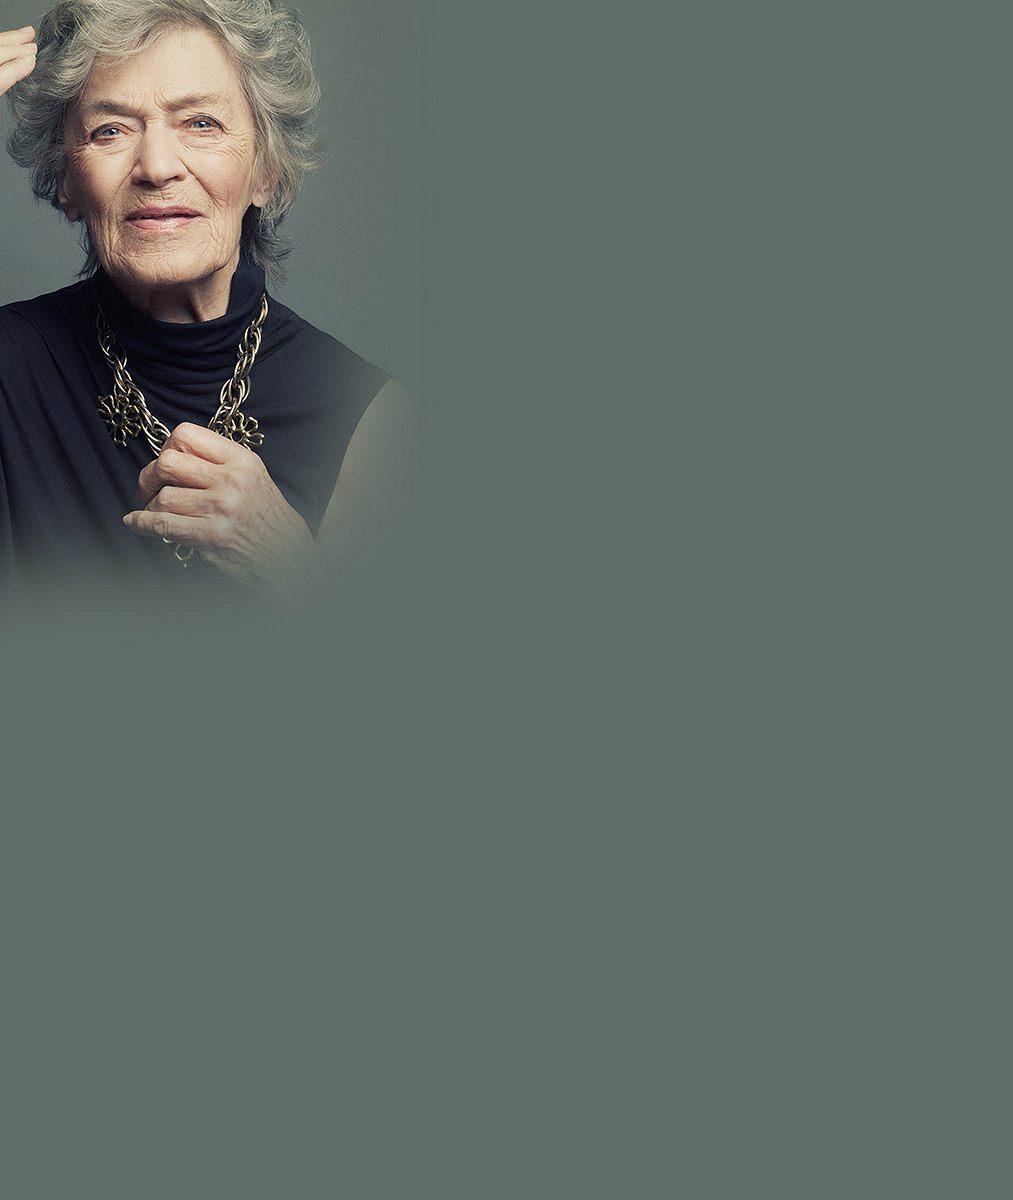 Skvělá zpráva z léčebny o Lubě Skořepové (92): Její zdraví a mozek by jí měli závidět i padesátníci!